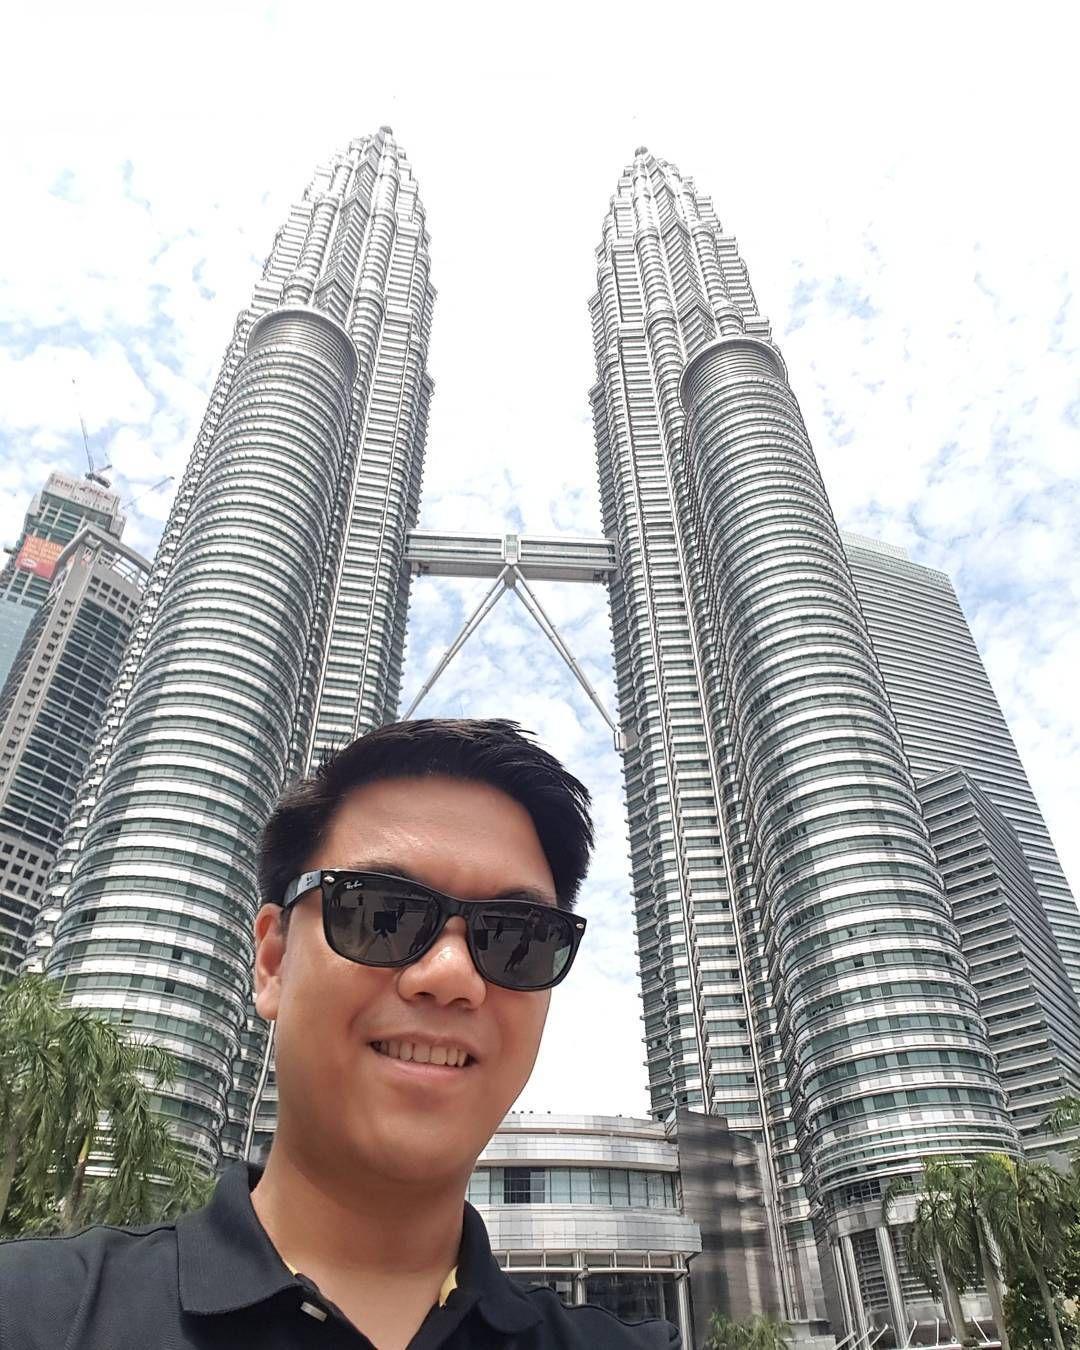 Petronas Twin Towers #KL Kuala Lumpur #Malaysia